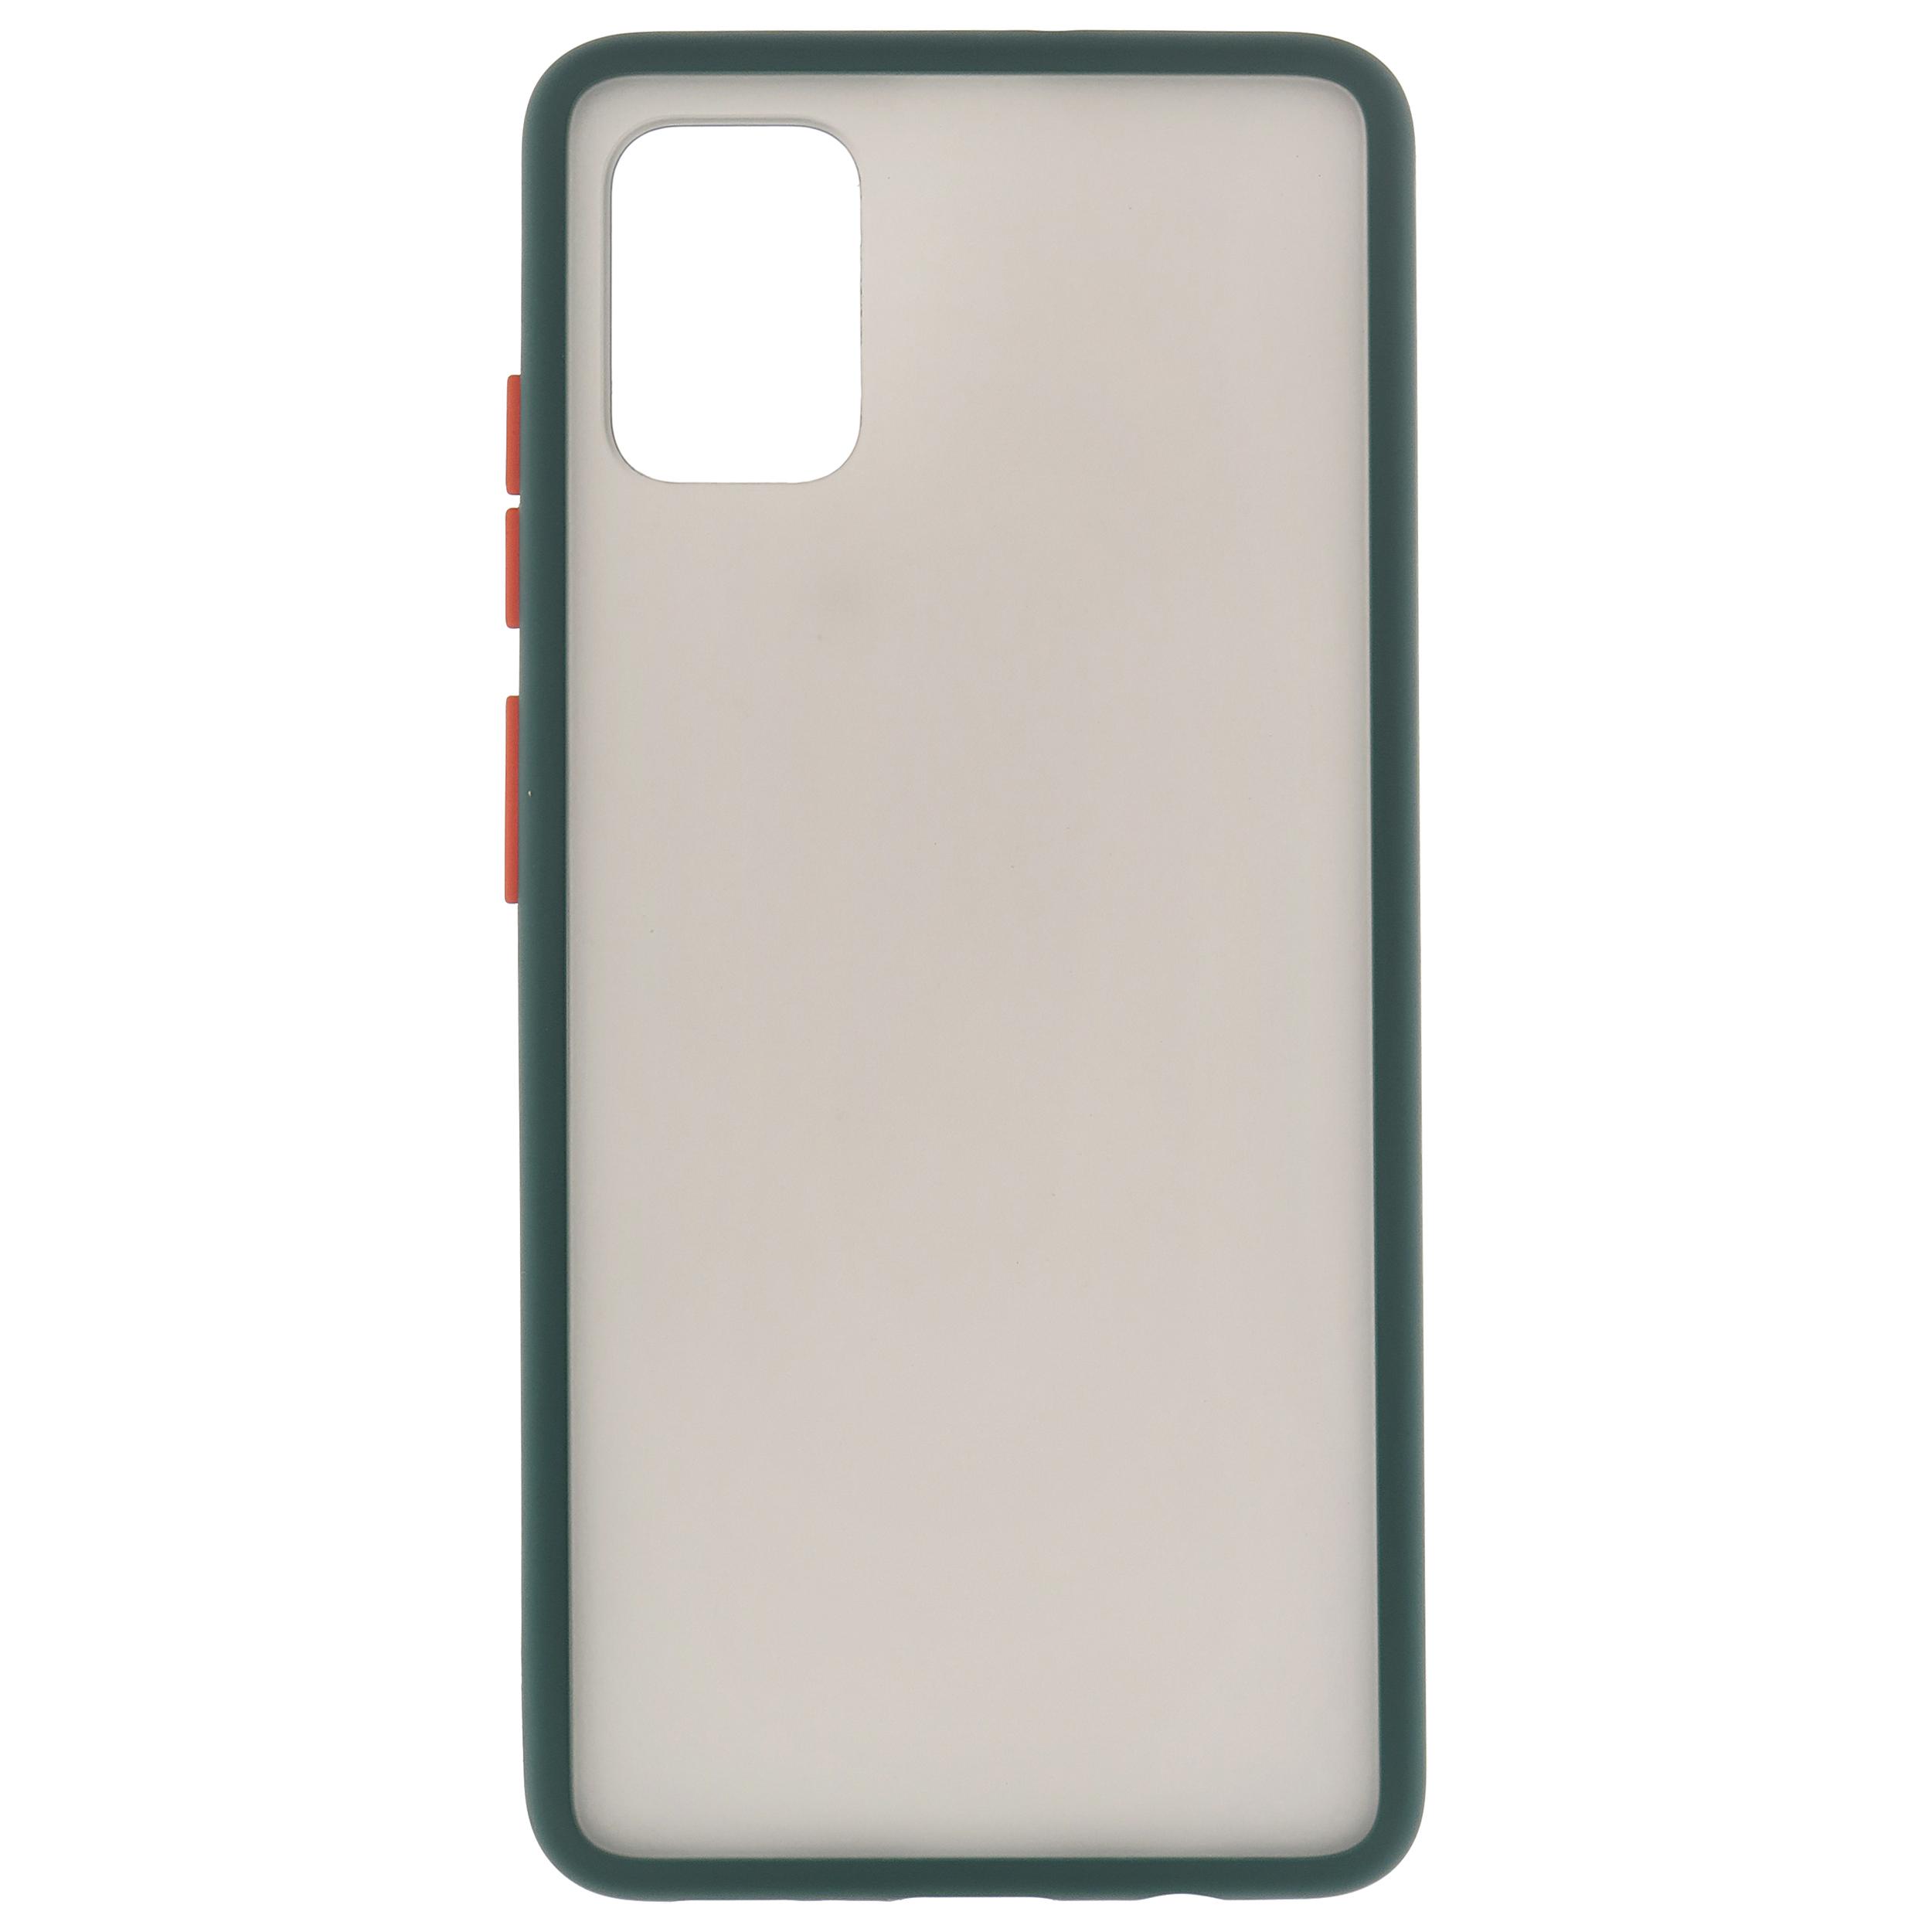 کاور فشن مدل arka کد i10 مناسب برای گوشی موبایل سامسونگ GalaxyA51